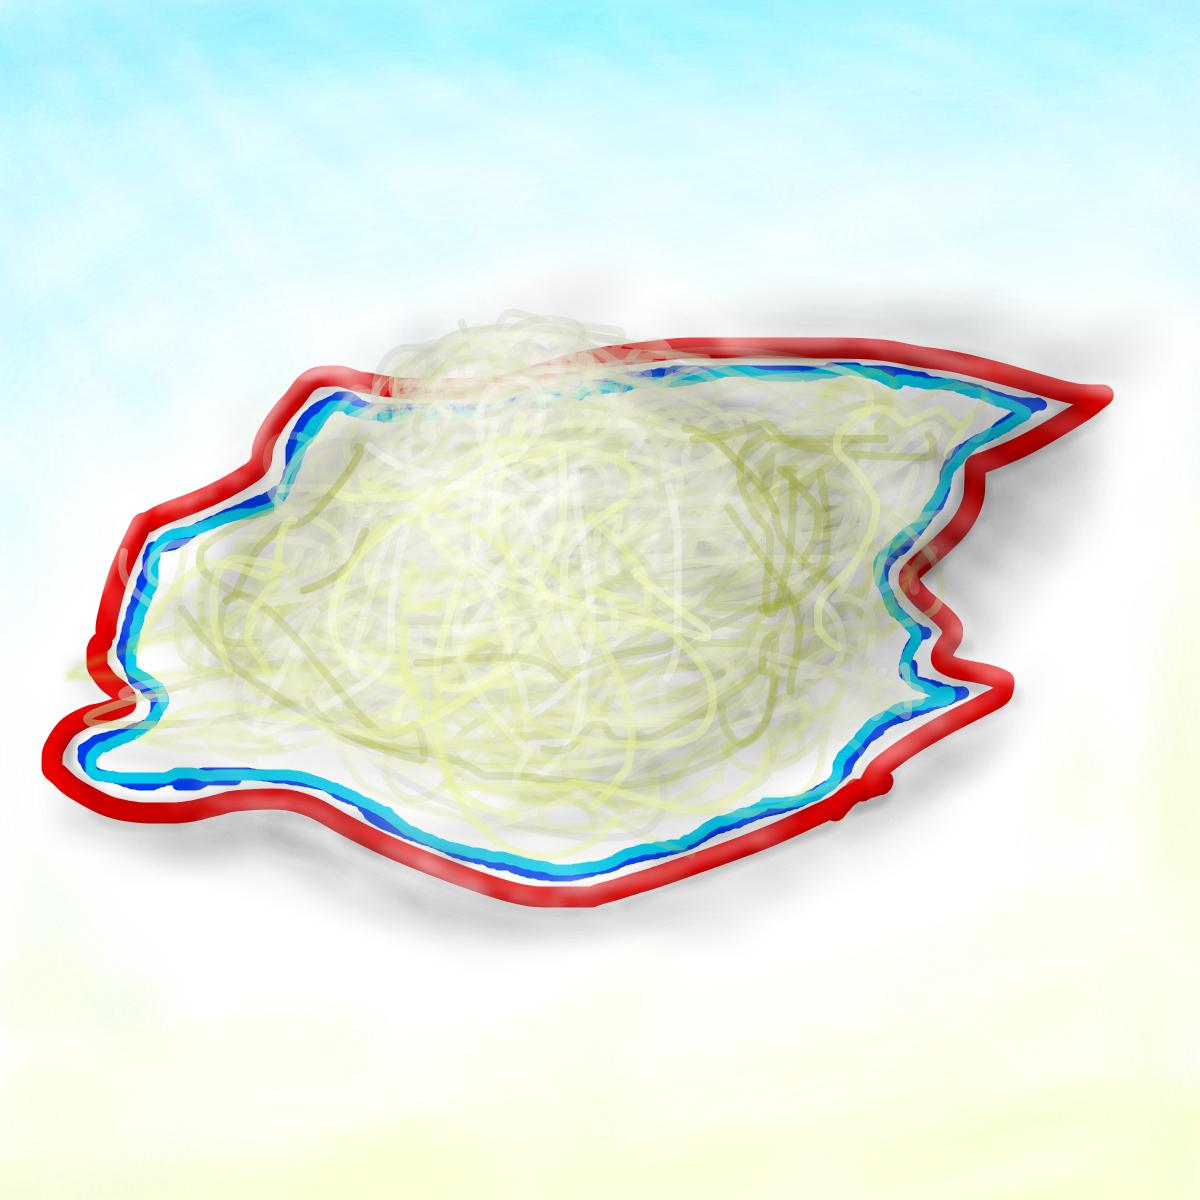 Gebefbeflost